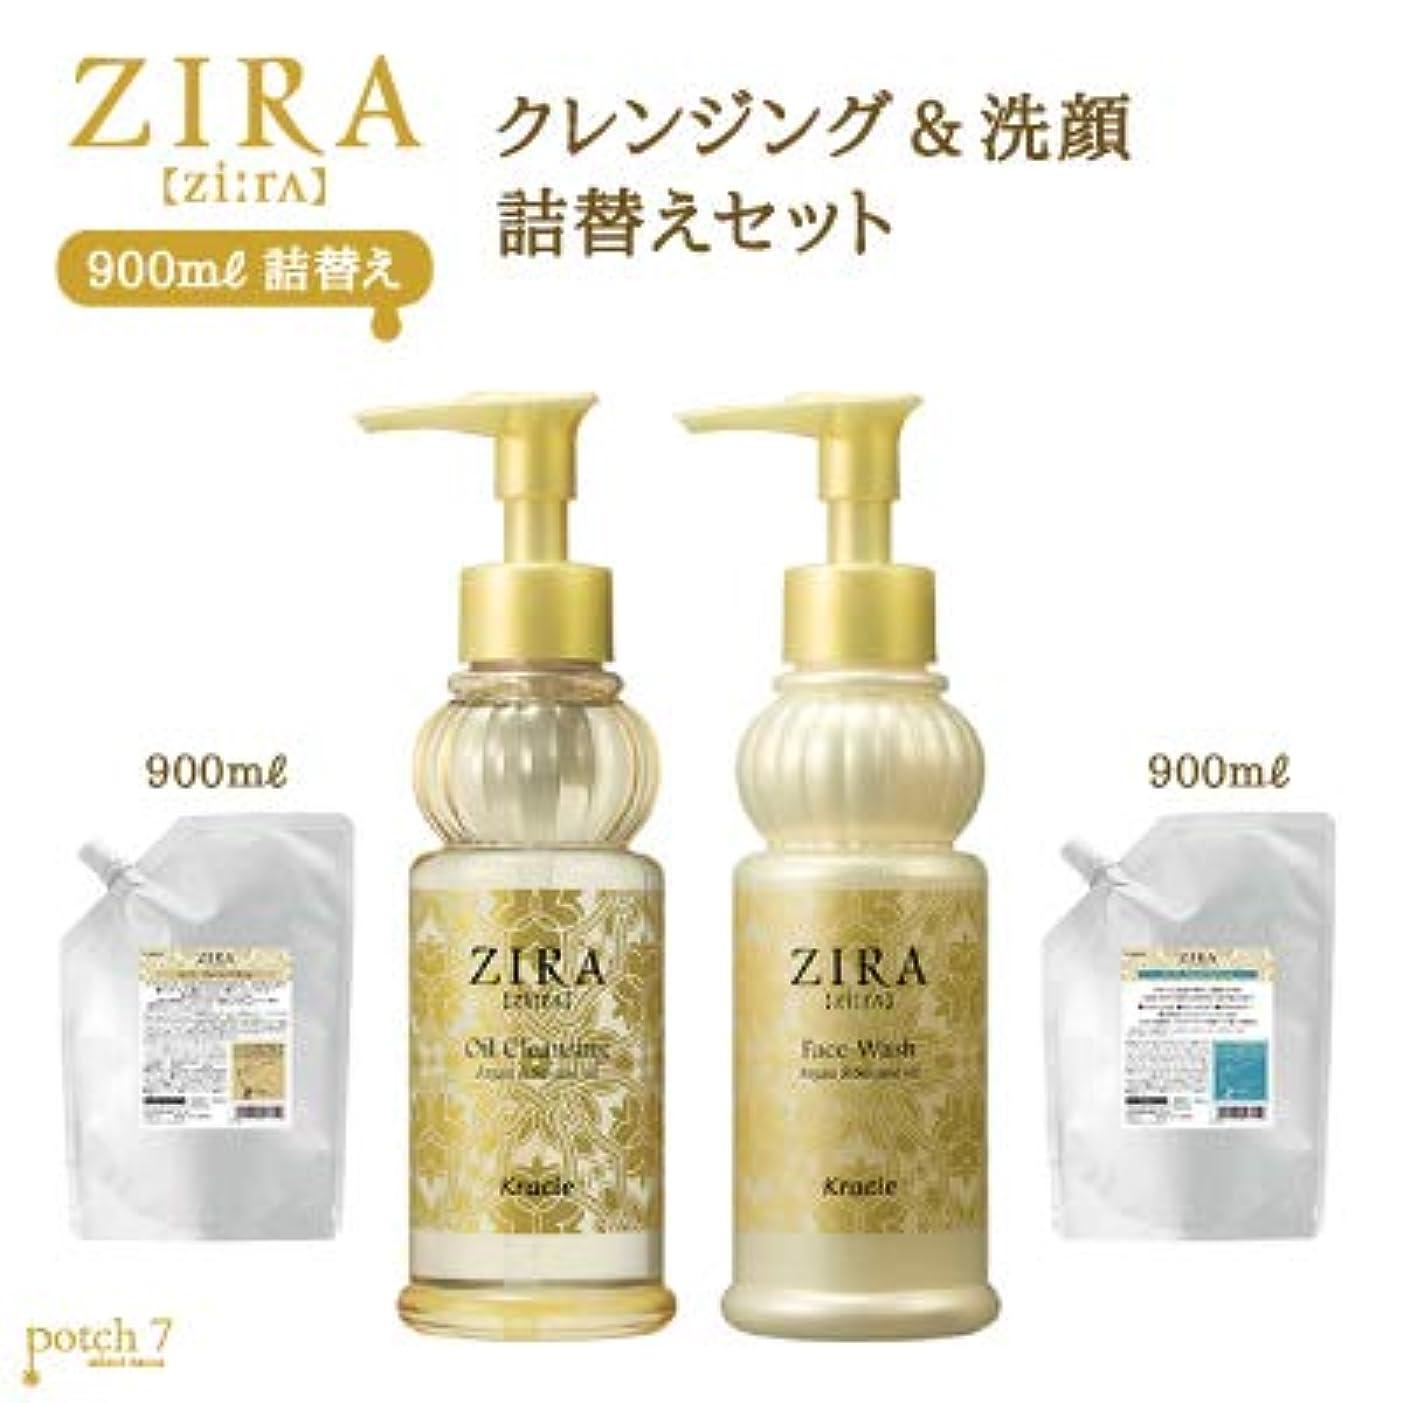 飲料悪意のある刃Kracie クラシエ ZIRA ジーラ クレンジング&洗顔セット セット注文で送料無料 空容器各1本付